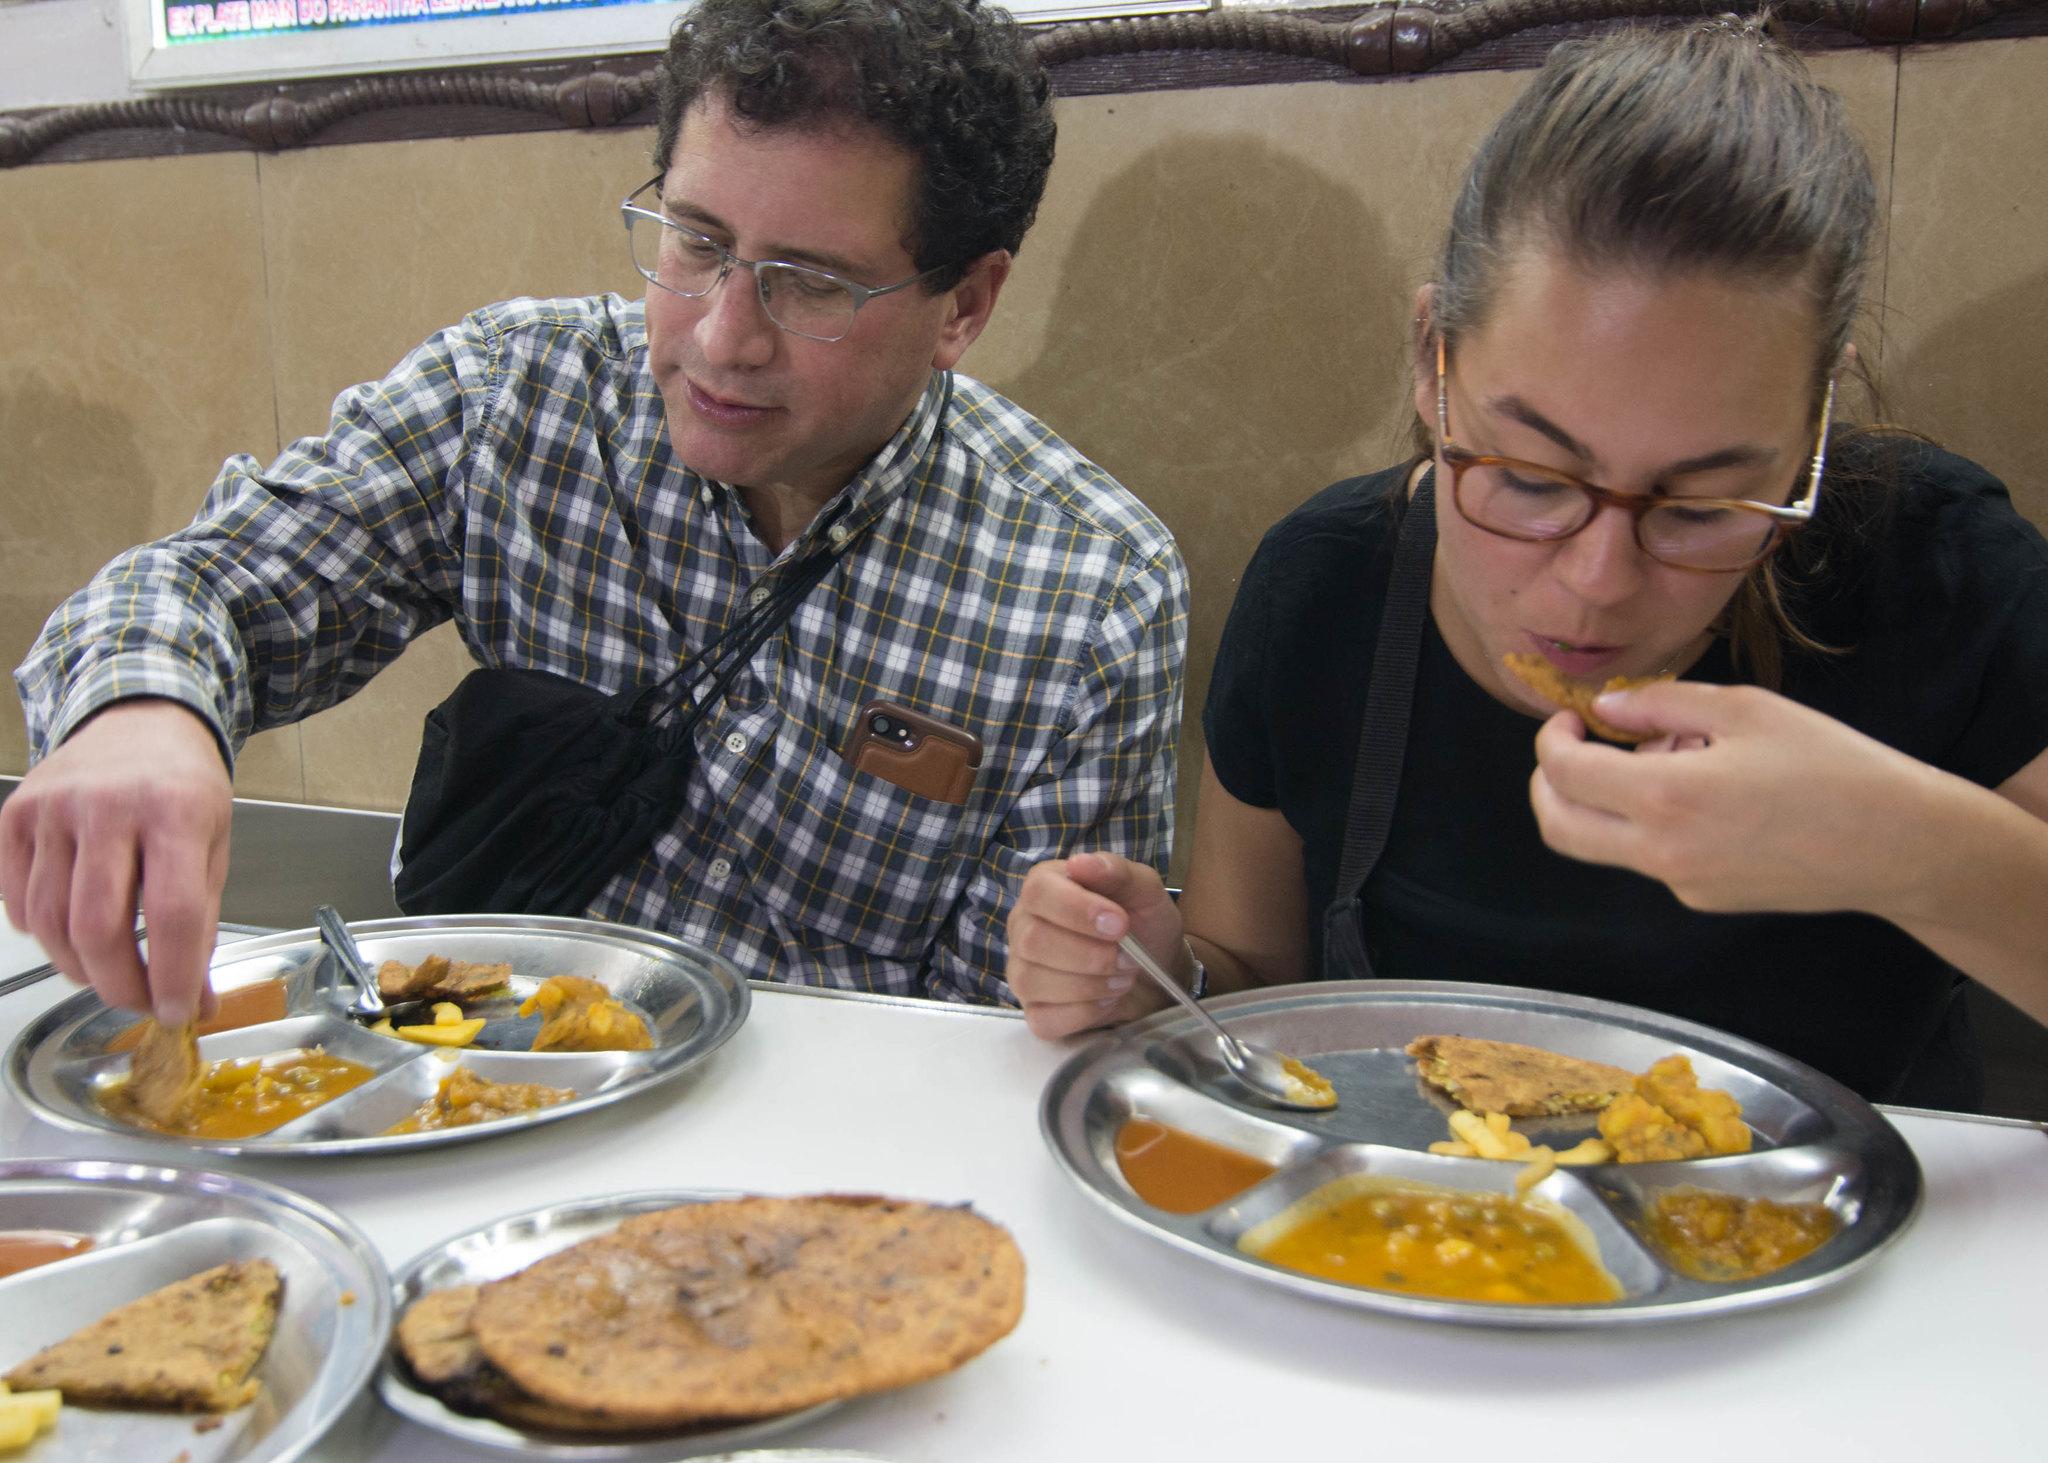 Tasting paranthas fried in ghee